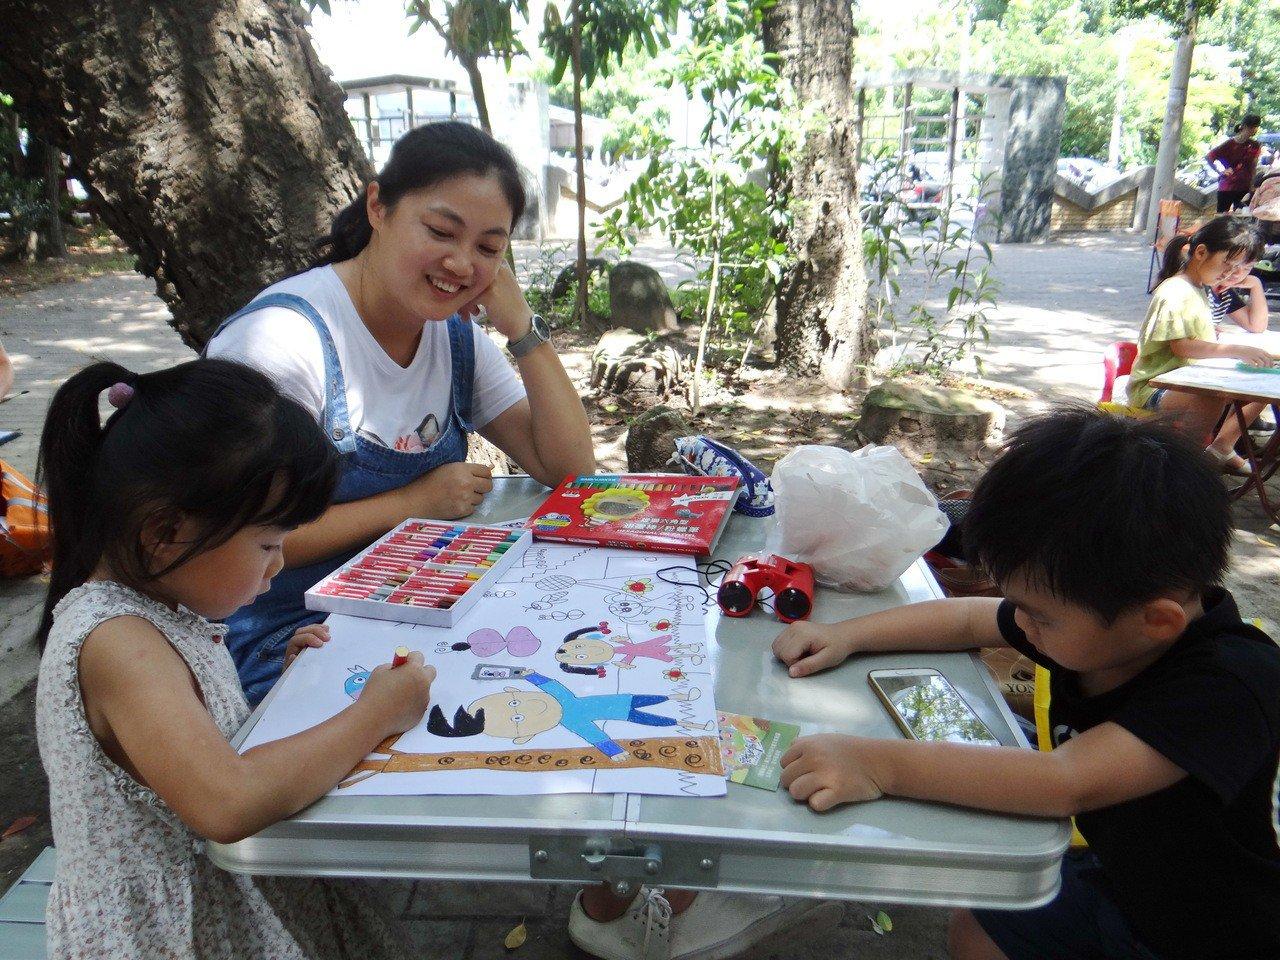 大樹下姊姊忙畫畫,弟弟看手機,兩種不同的彩色世界,帶著孩子一起成長。記者蔡維斌/...